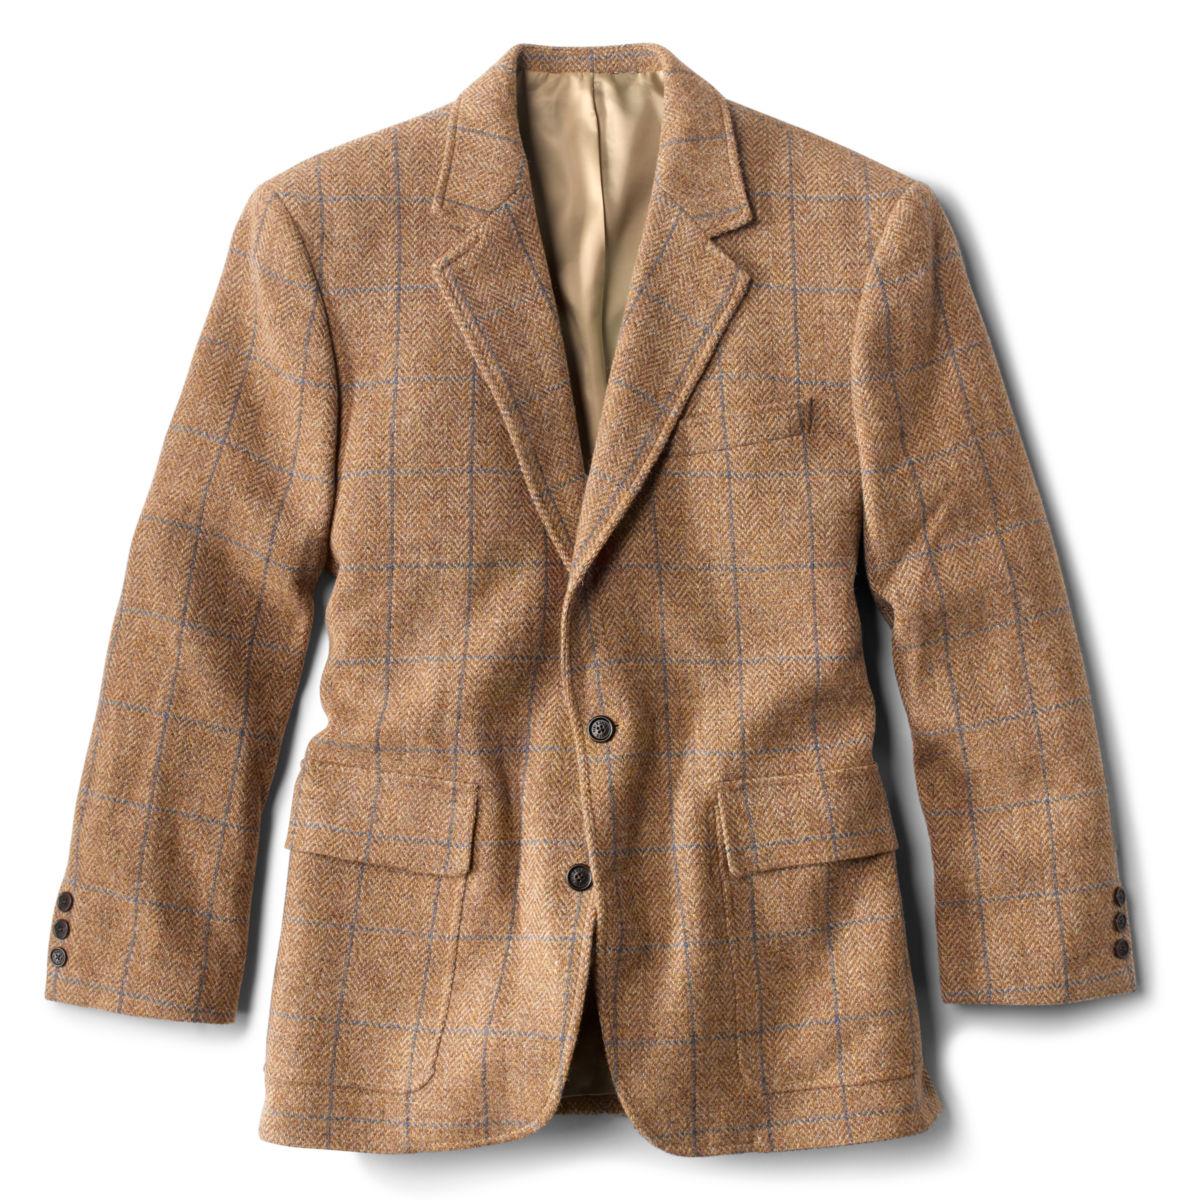 Lightweight Highland Tweed Sport Coat - Regular - CAMELimage number 0